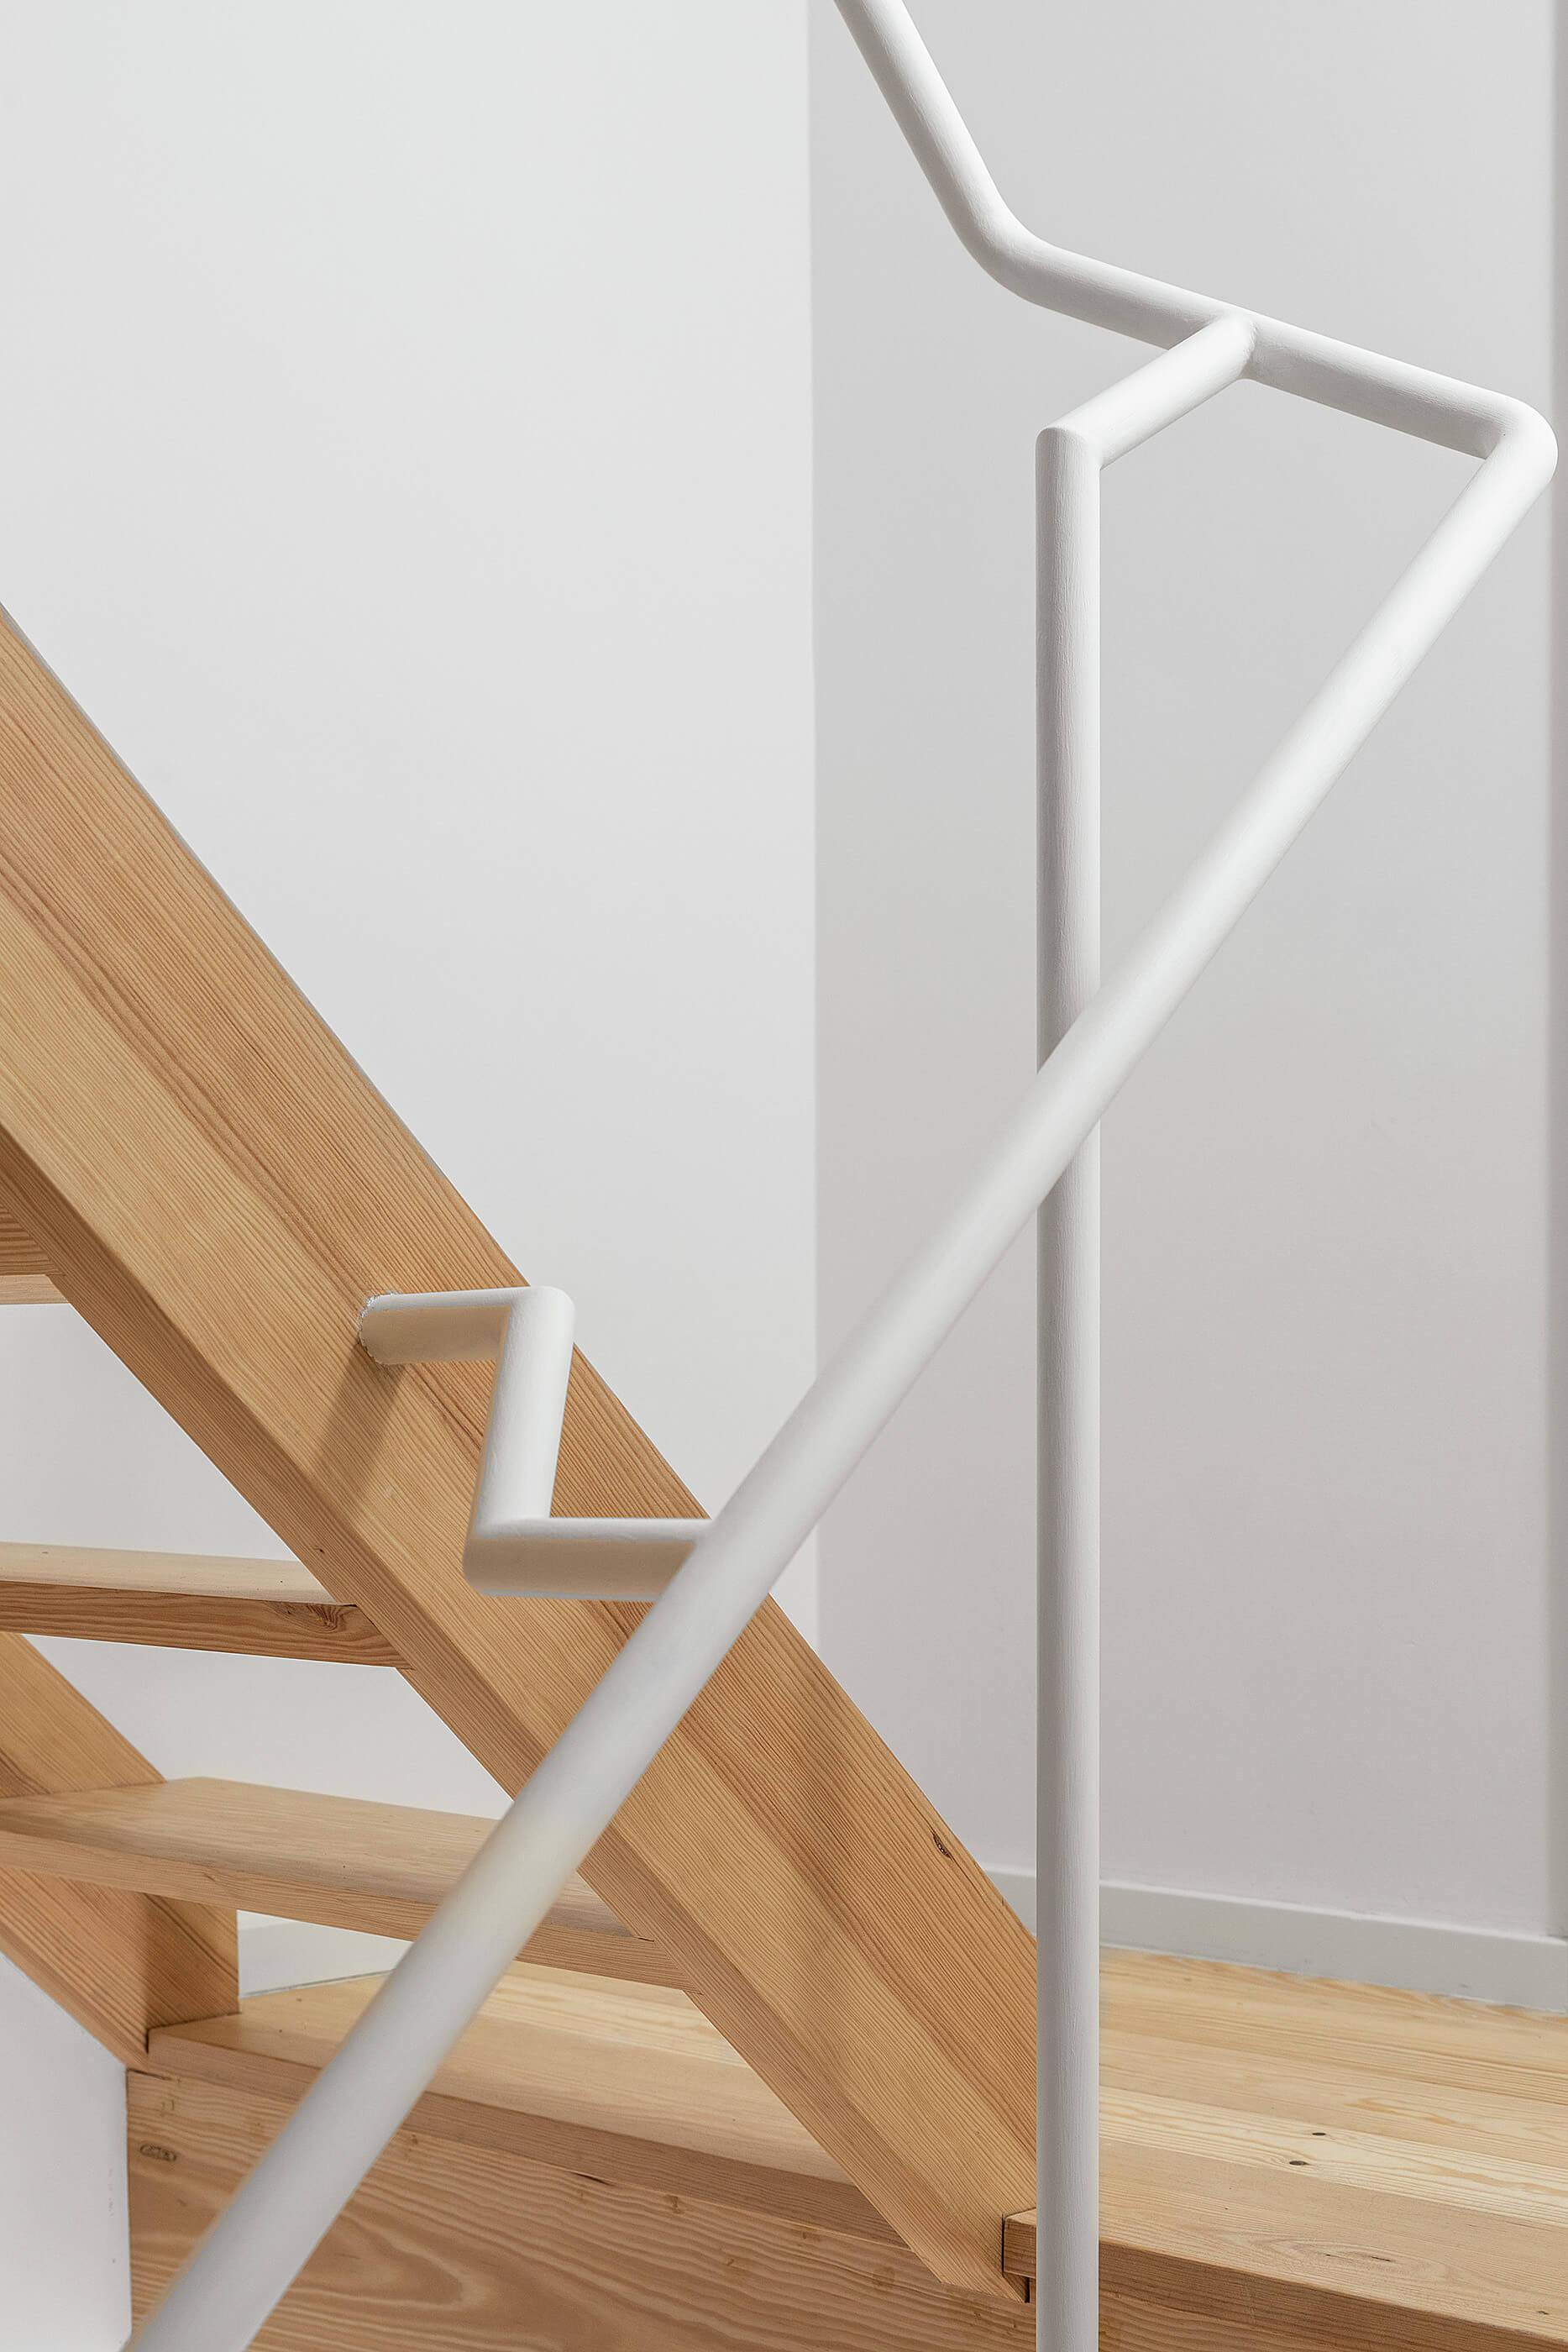 Reportagem Fotografia de arquitectura portuguesa fotografo Ivo tavares studio - Loureiro 59 do Pedro Lima Arquitecto.